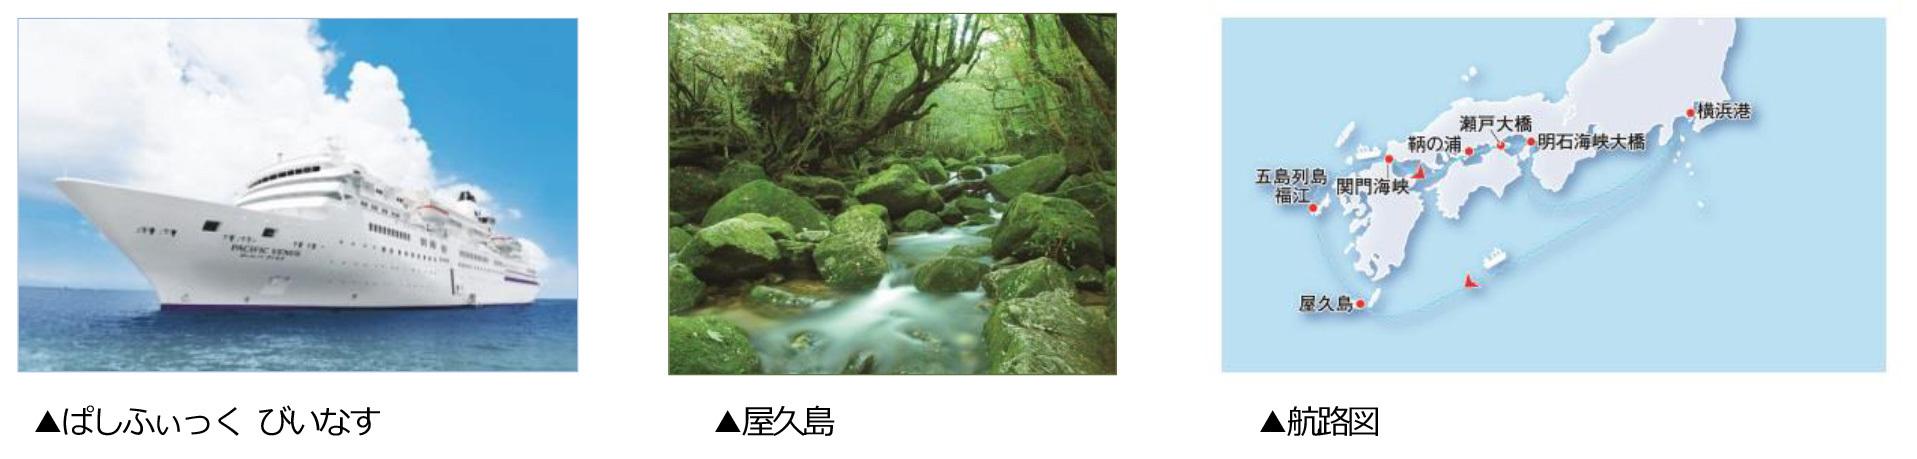 (左)ぱしふぃっく びいなす、(中)屋久島、(右)航路図